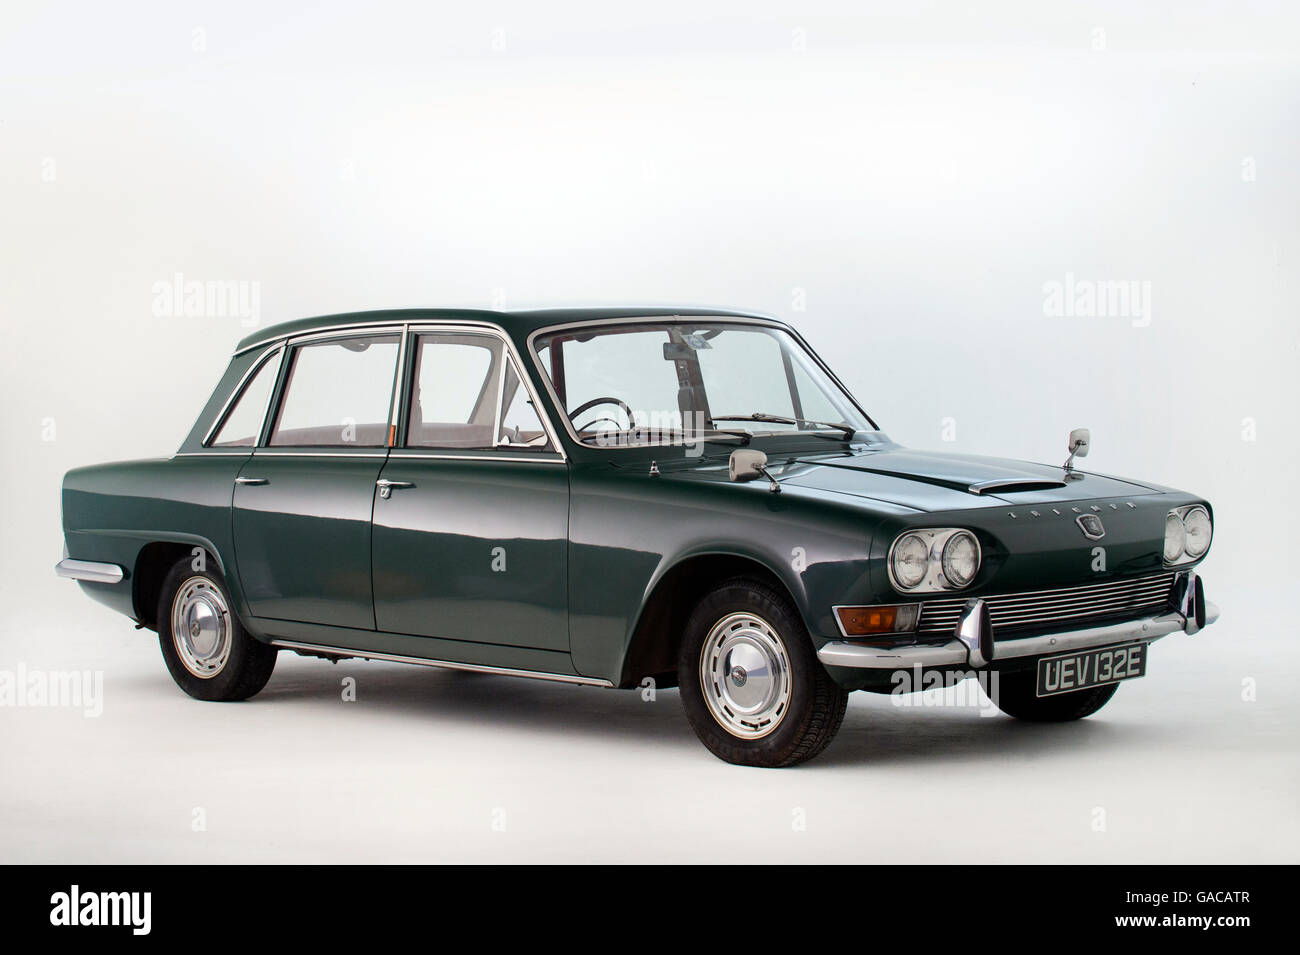 1967 Triumph 2000 - Stock Image